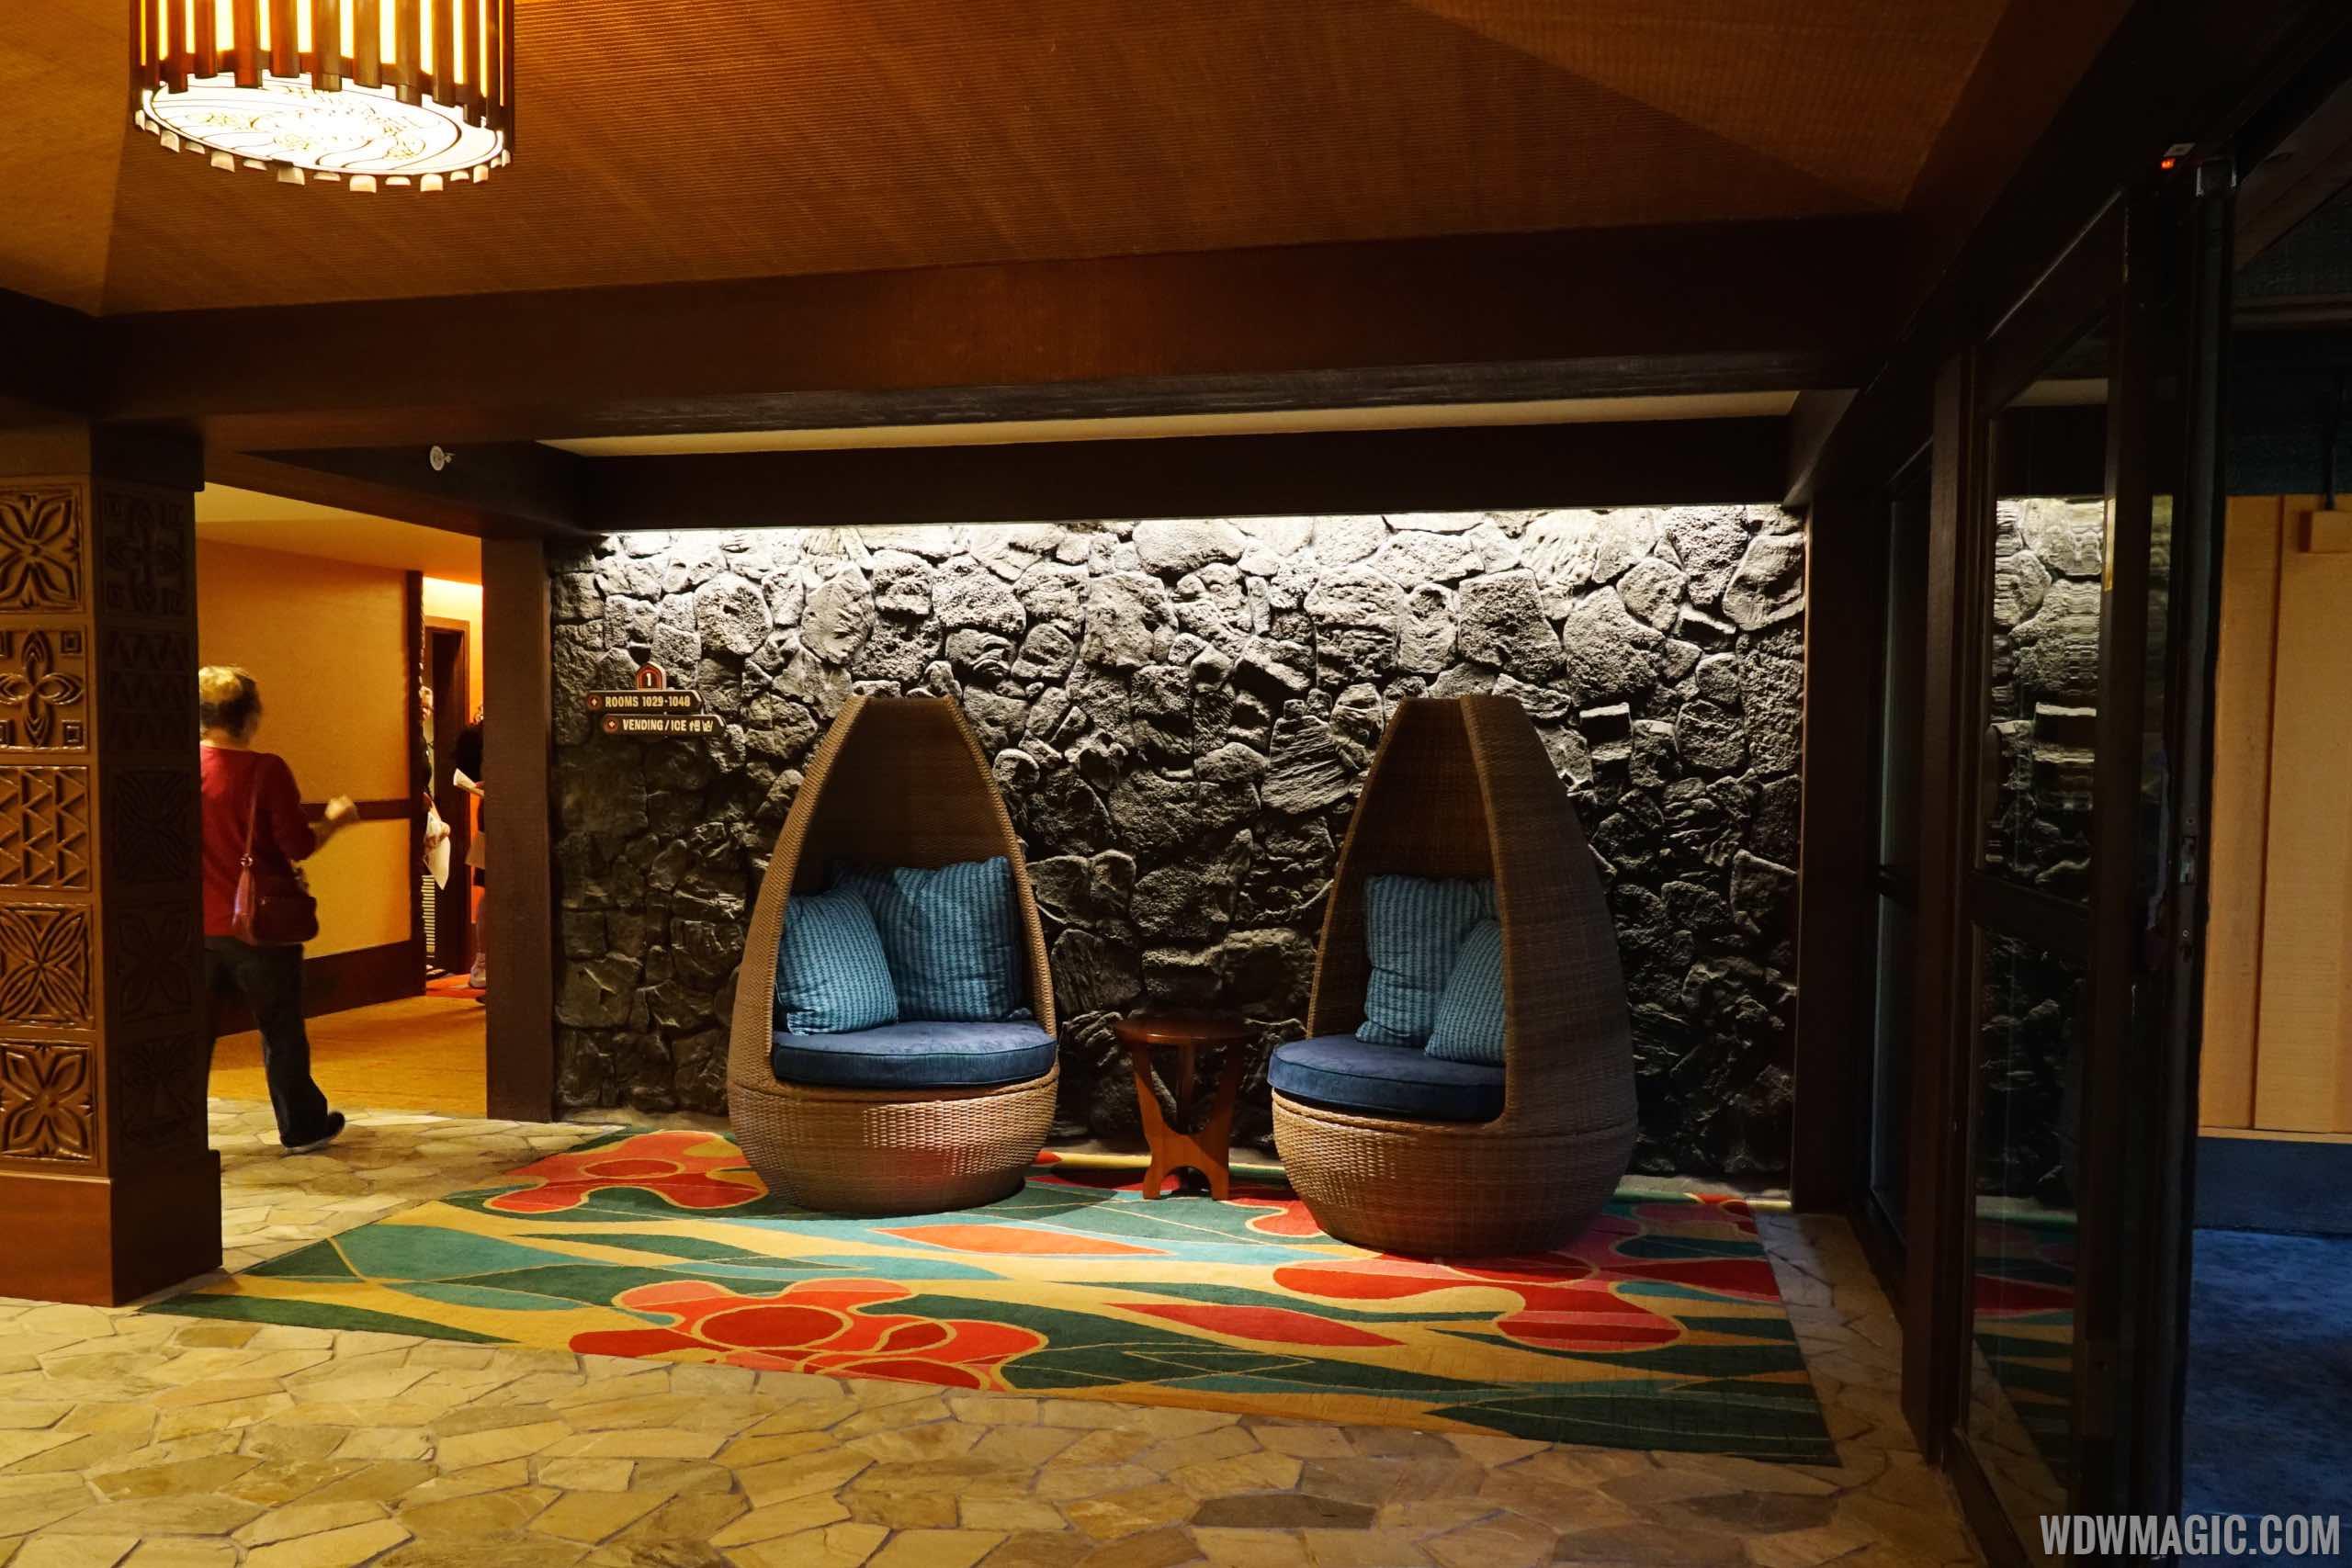 Disney's Polynesian Village Resort deluxe studio - Inside Pago Pago hallway